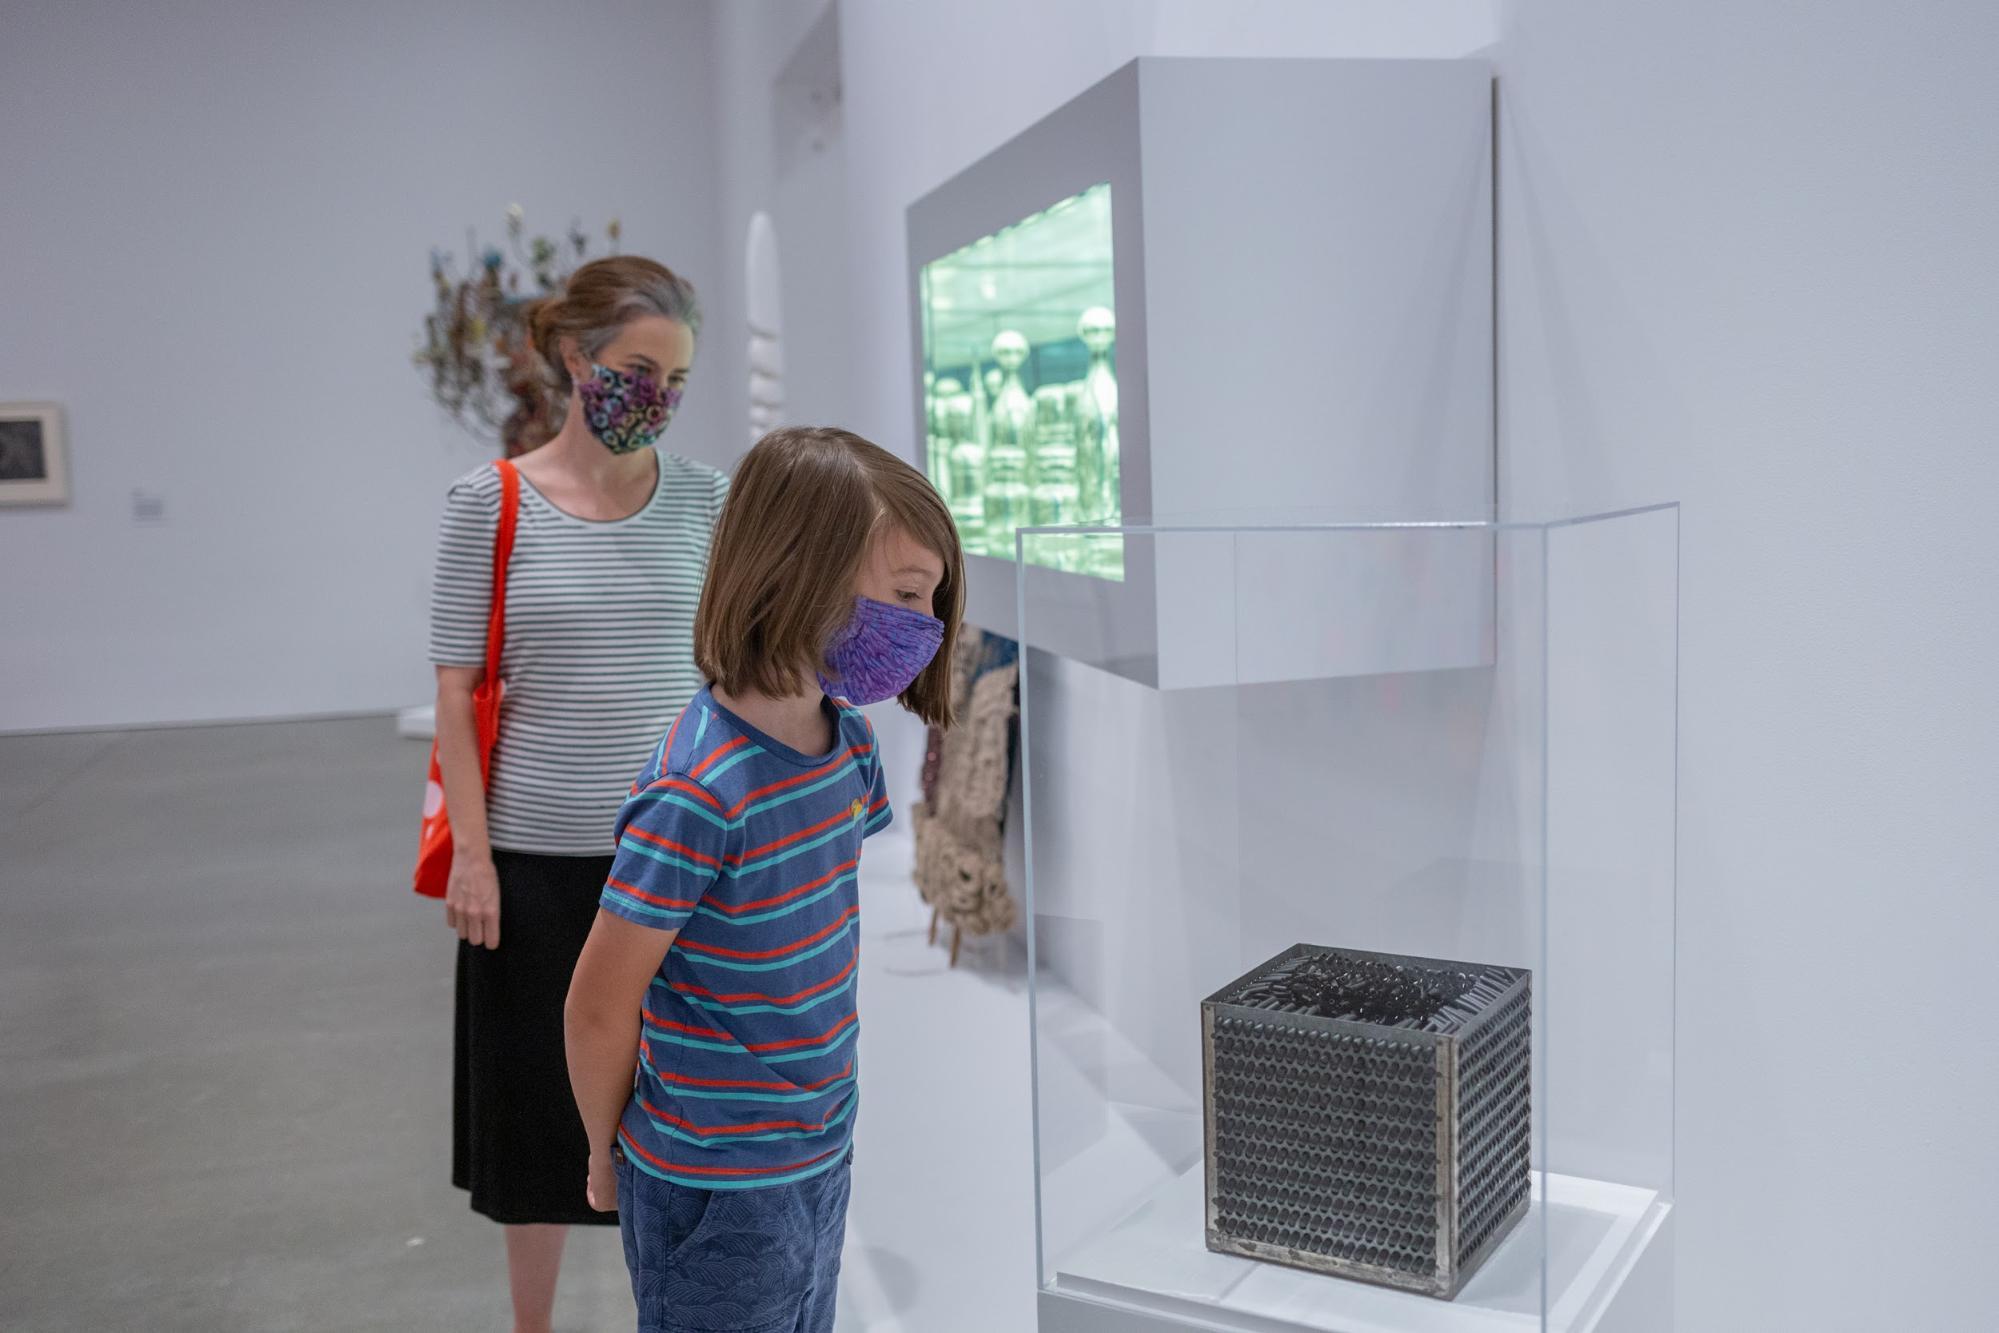 Exhibición Más Allá del Infinito: Arte Contemporáneo Después de Kusama. Los visitantes deben usar macarillas dentro del museo. (Foto de Mel Taing - Cortesía: ICA)